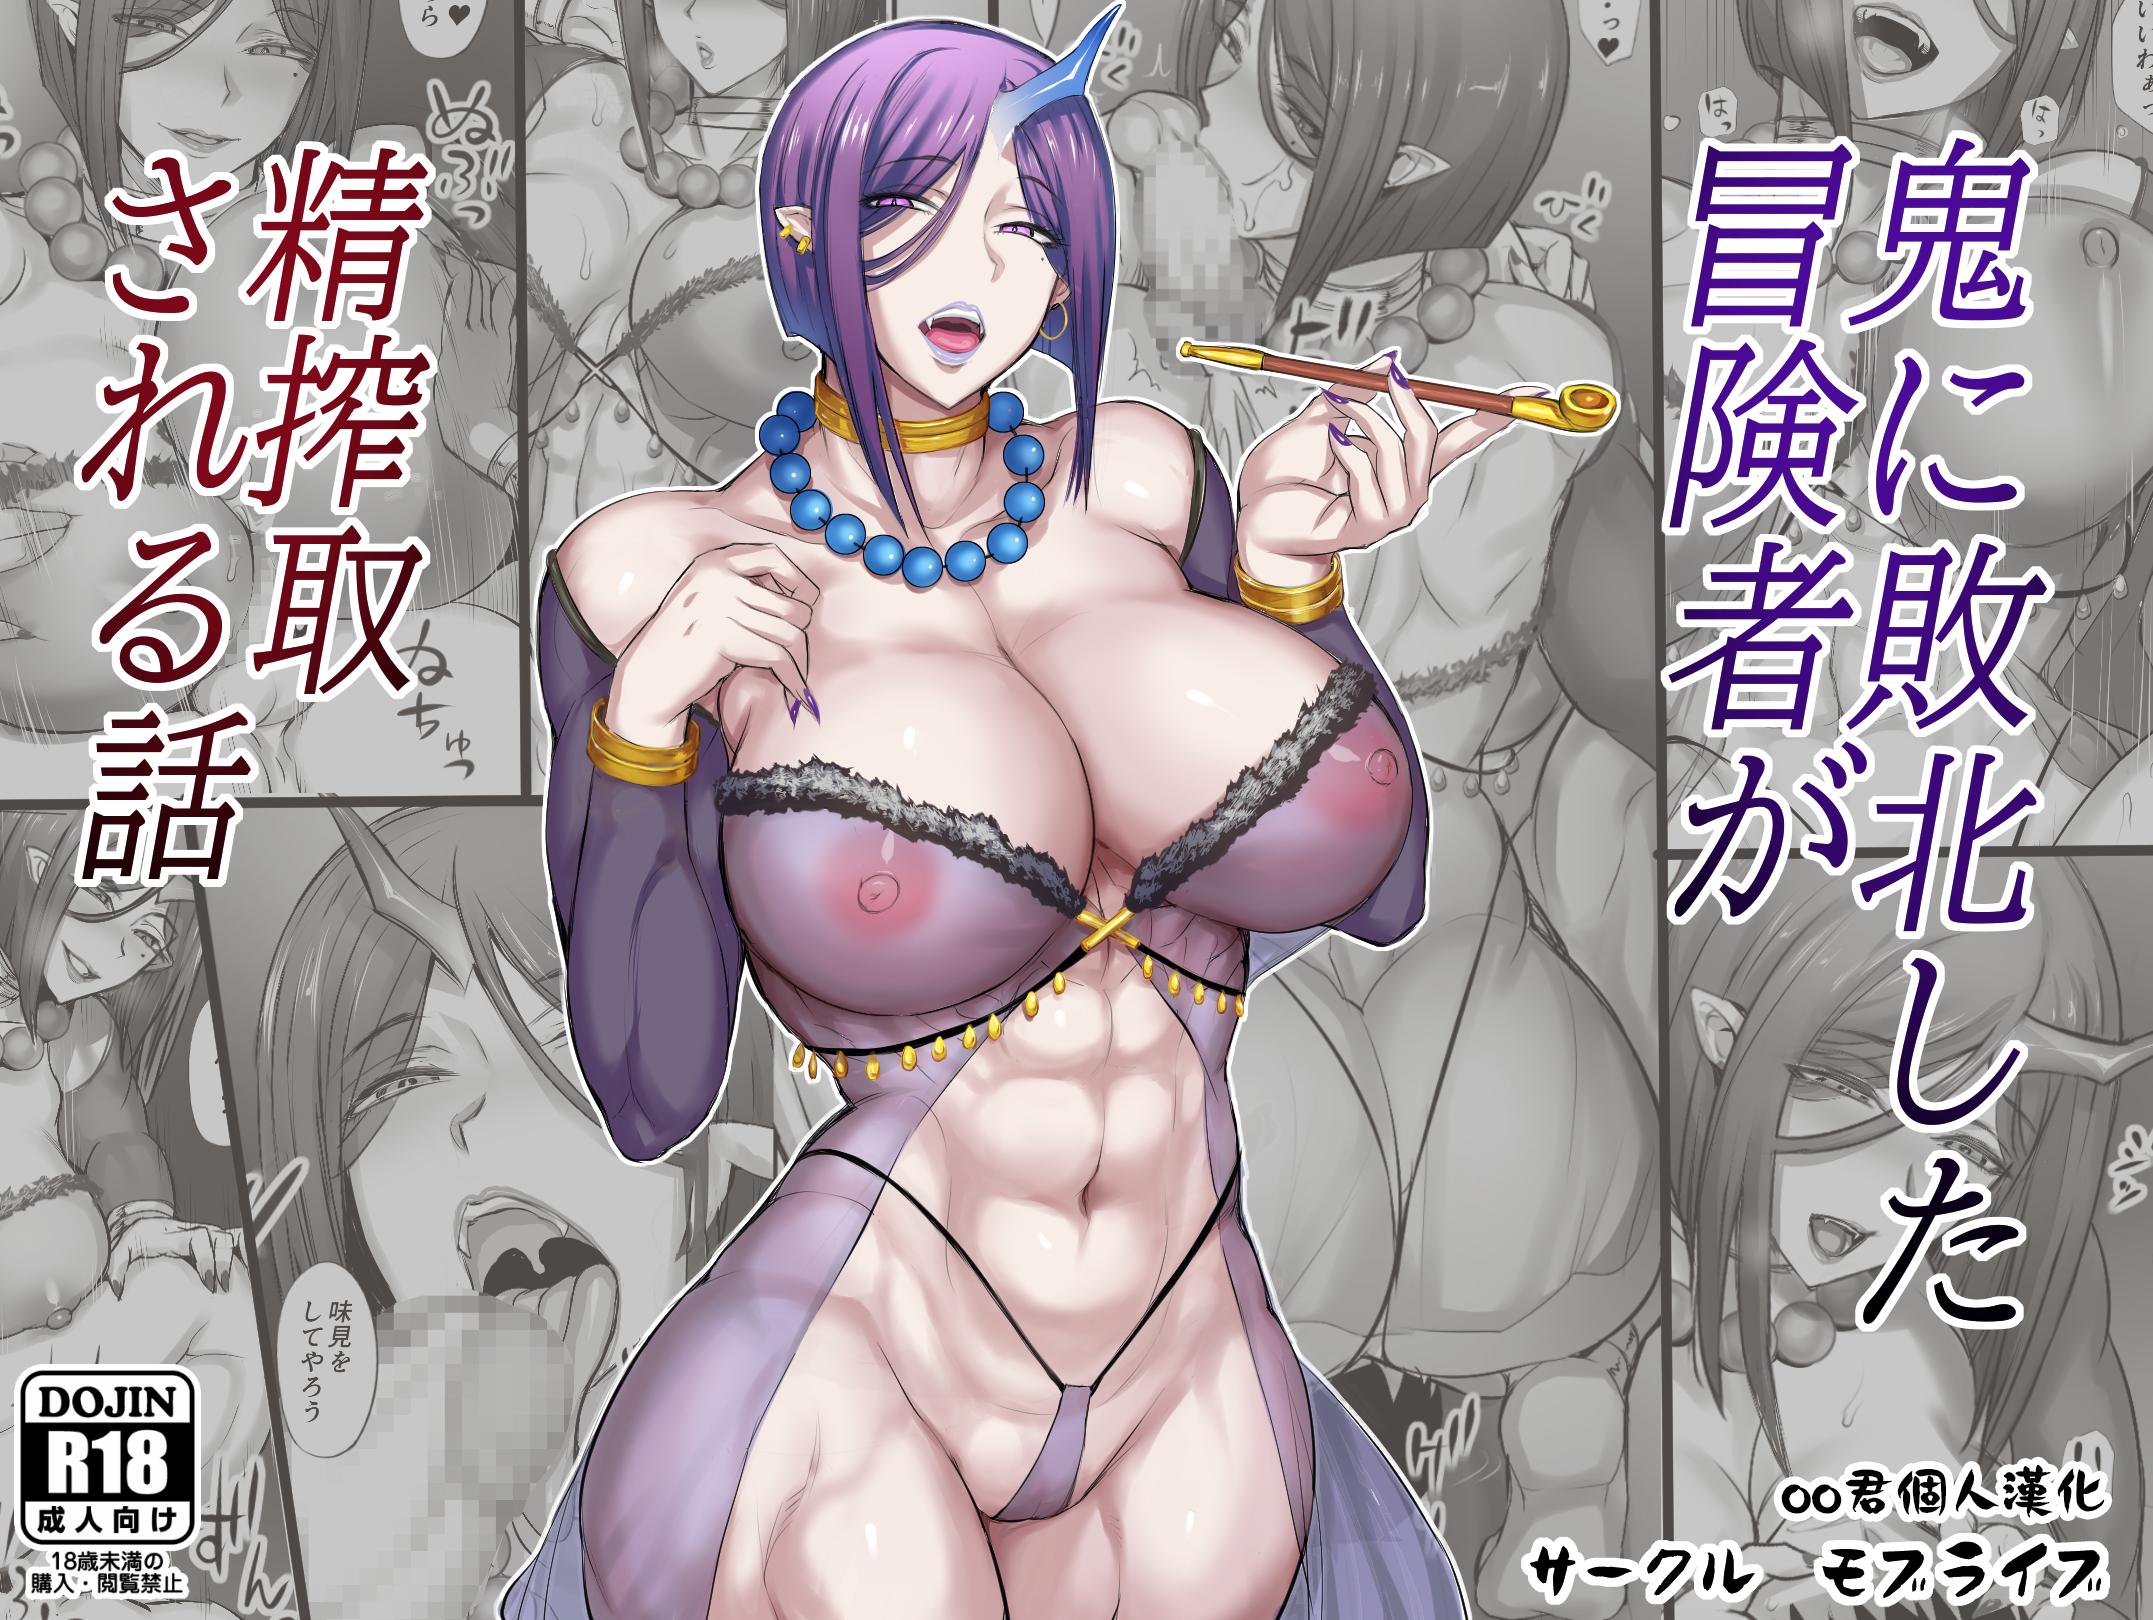 〖中文〗冒险者败北2 Oni ni Haiboku Shita Boukensha ga Seisakushu Sareru Hanashi